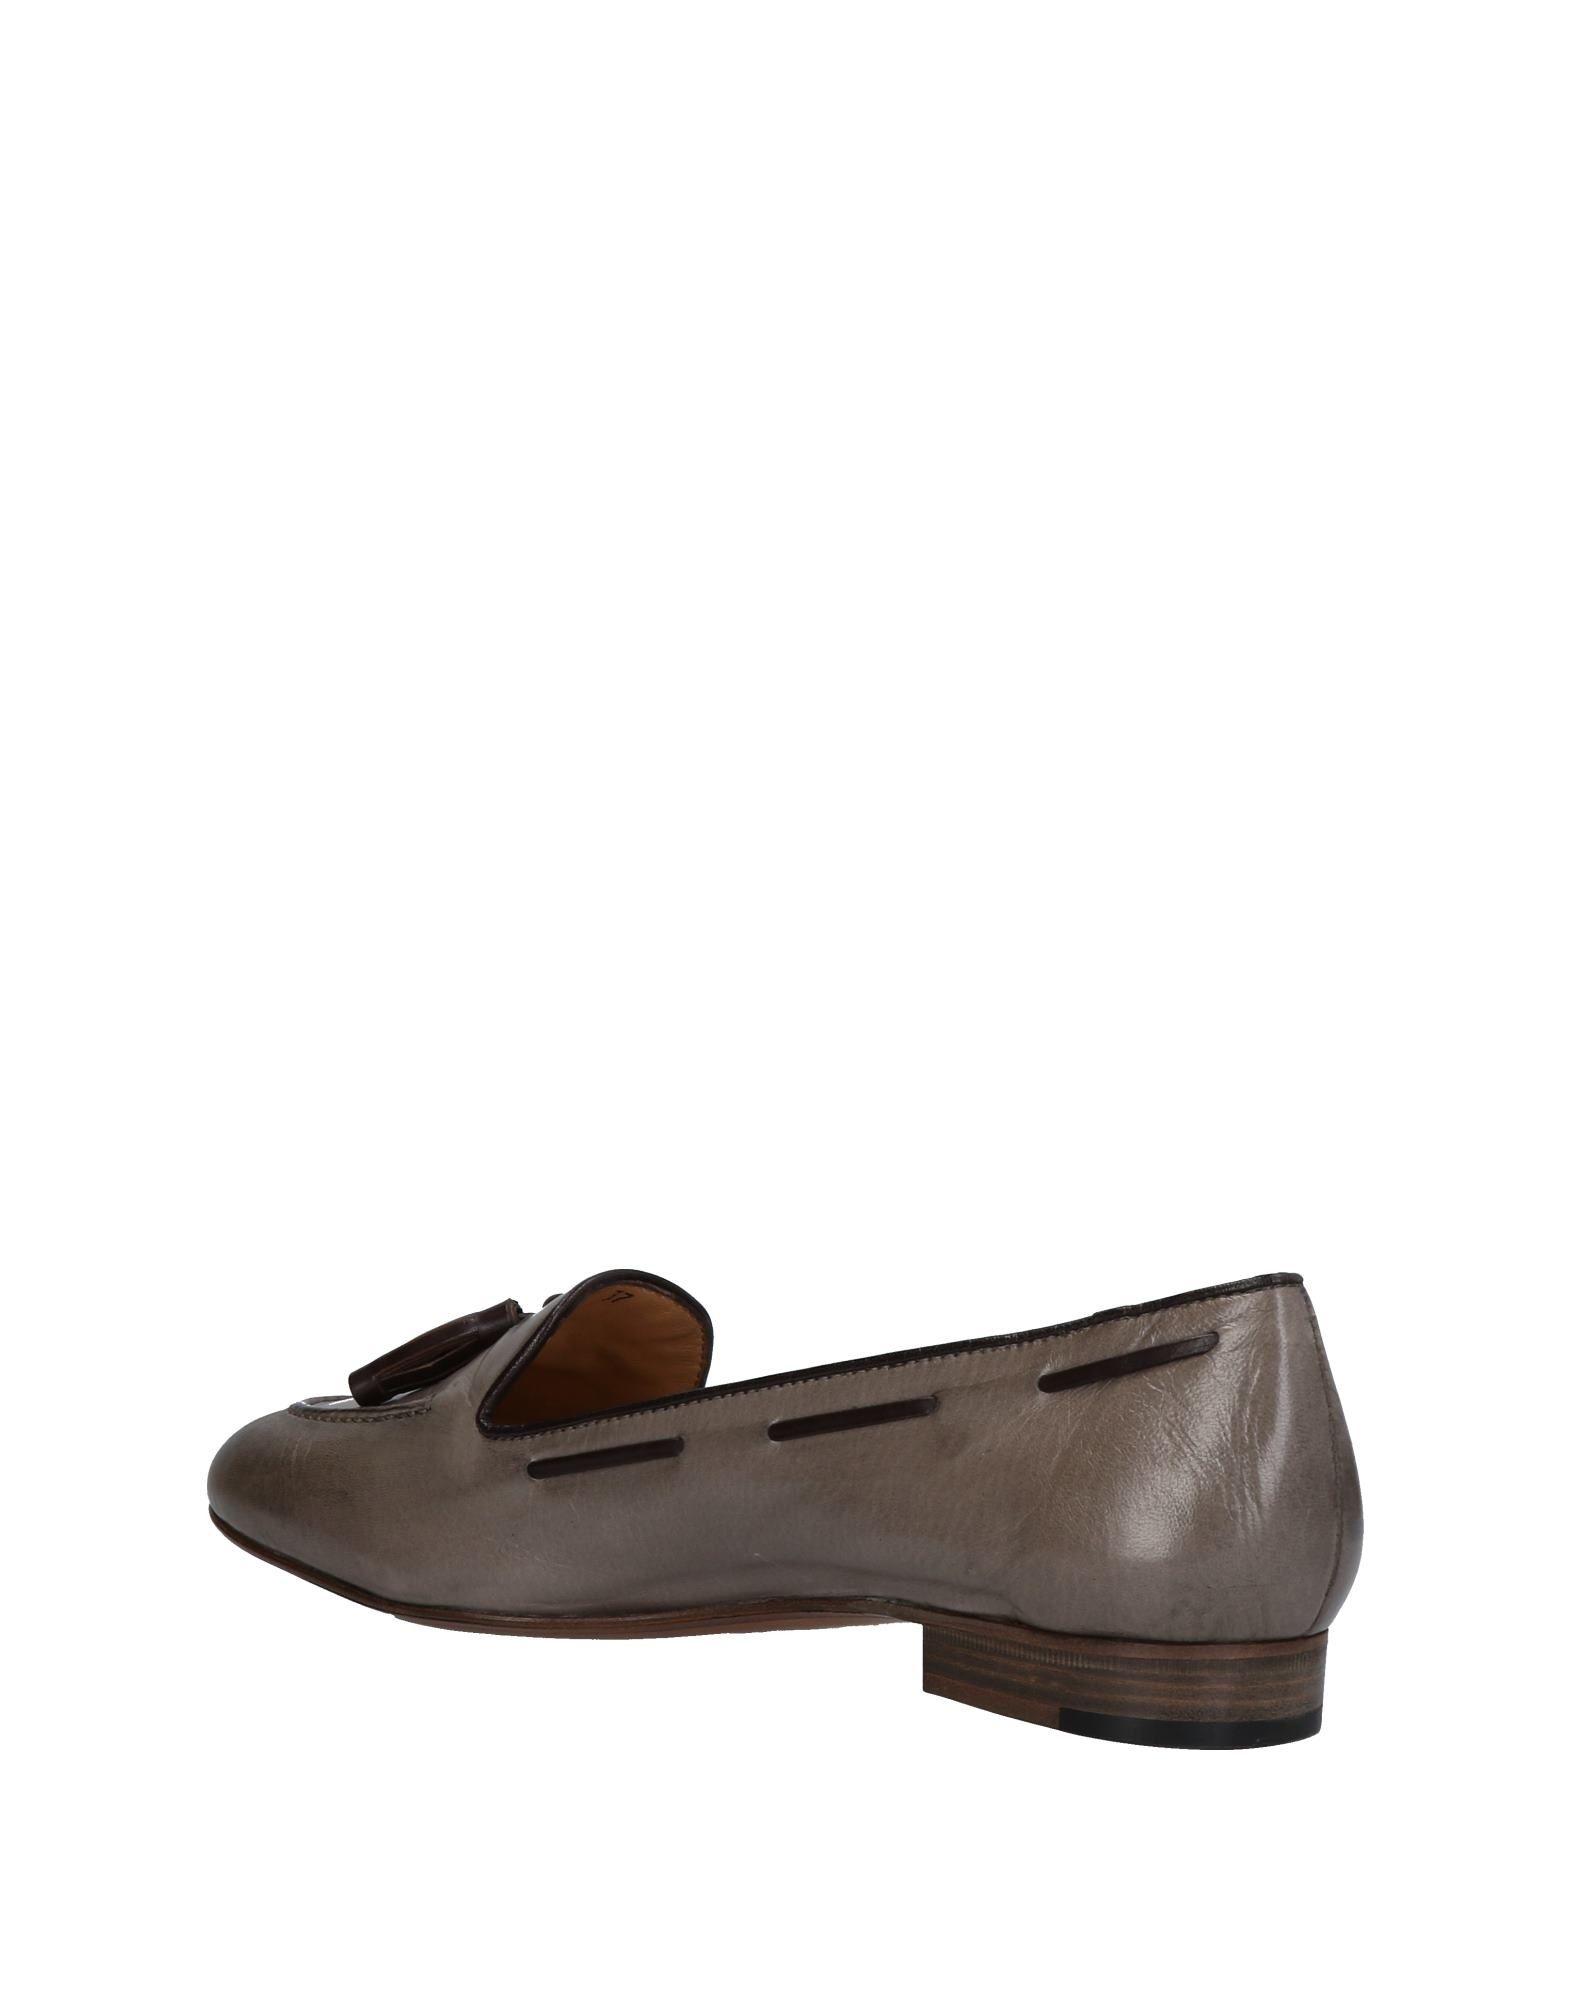 Henderson Schuhe Mokassins Damen  11452291XK Heiße Schuhe Henderson 8b8609